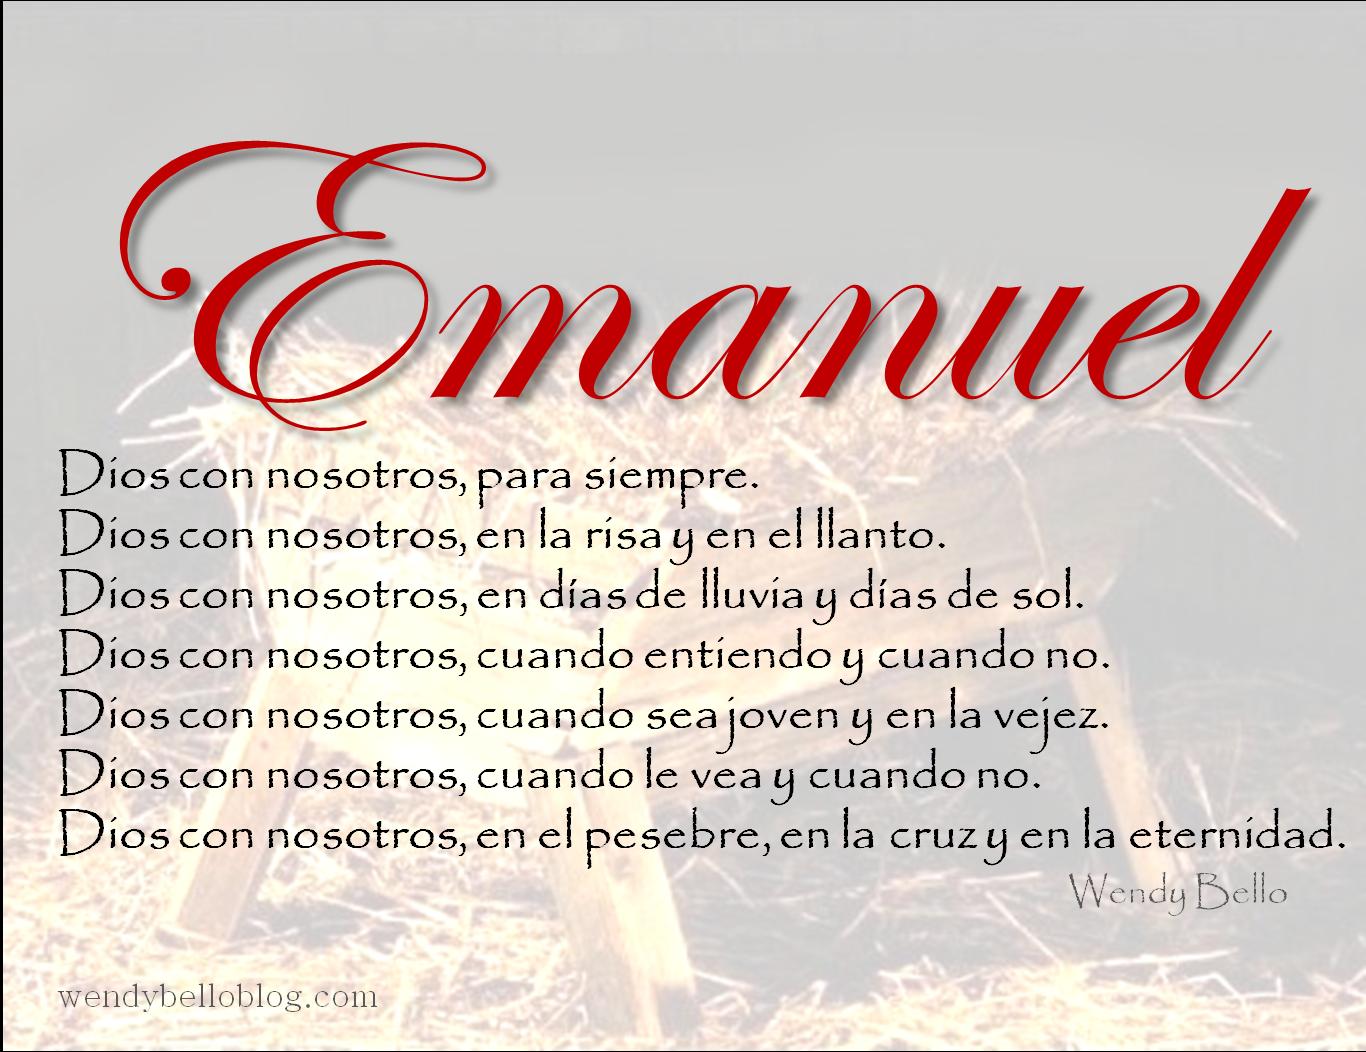 El Blog De Wendy Bello Nombres De Dios Dios Mensaje De Dios